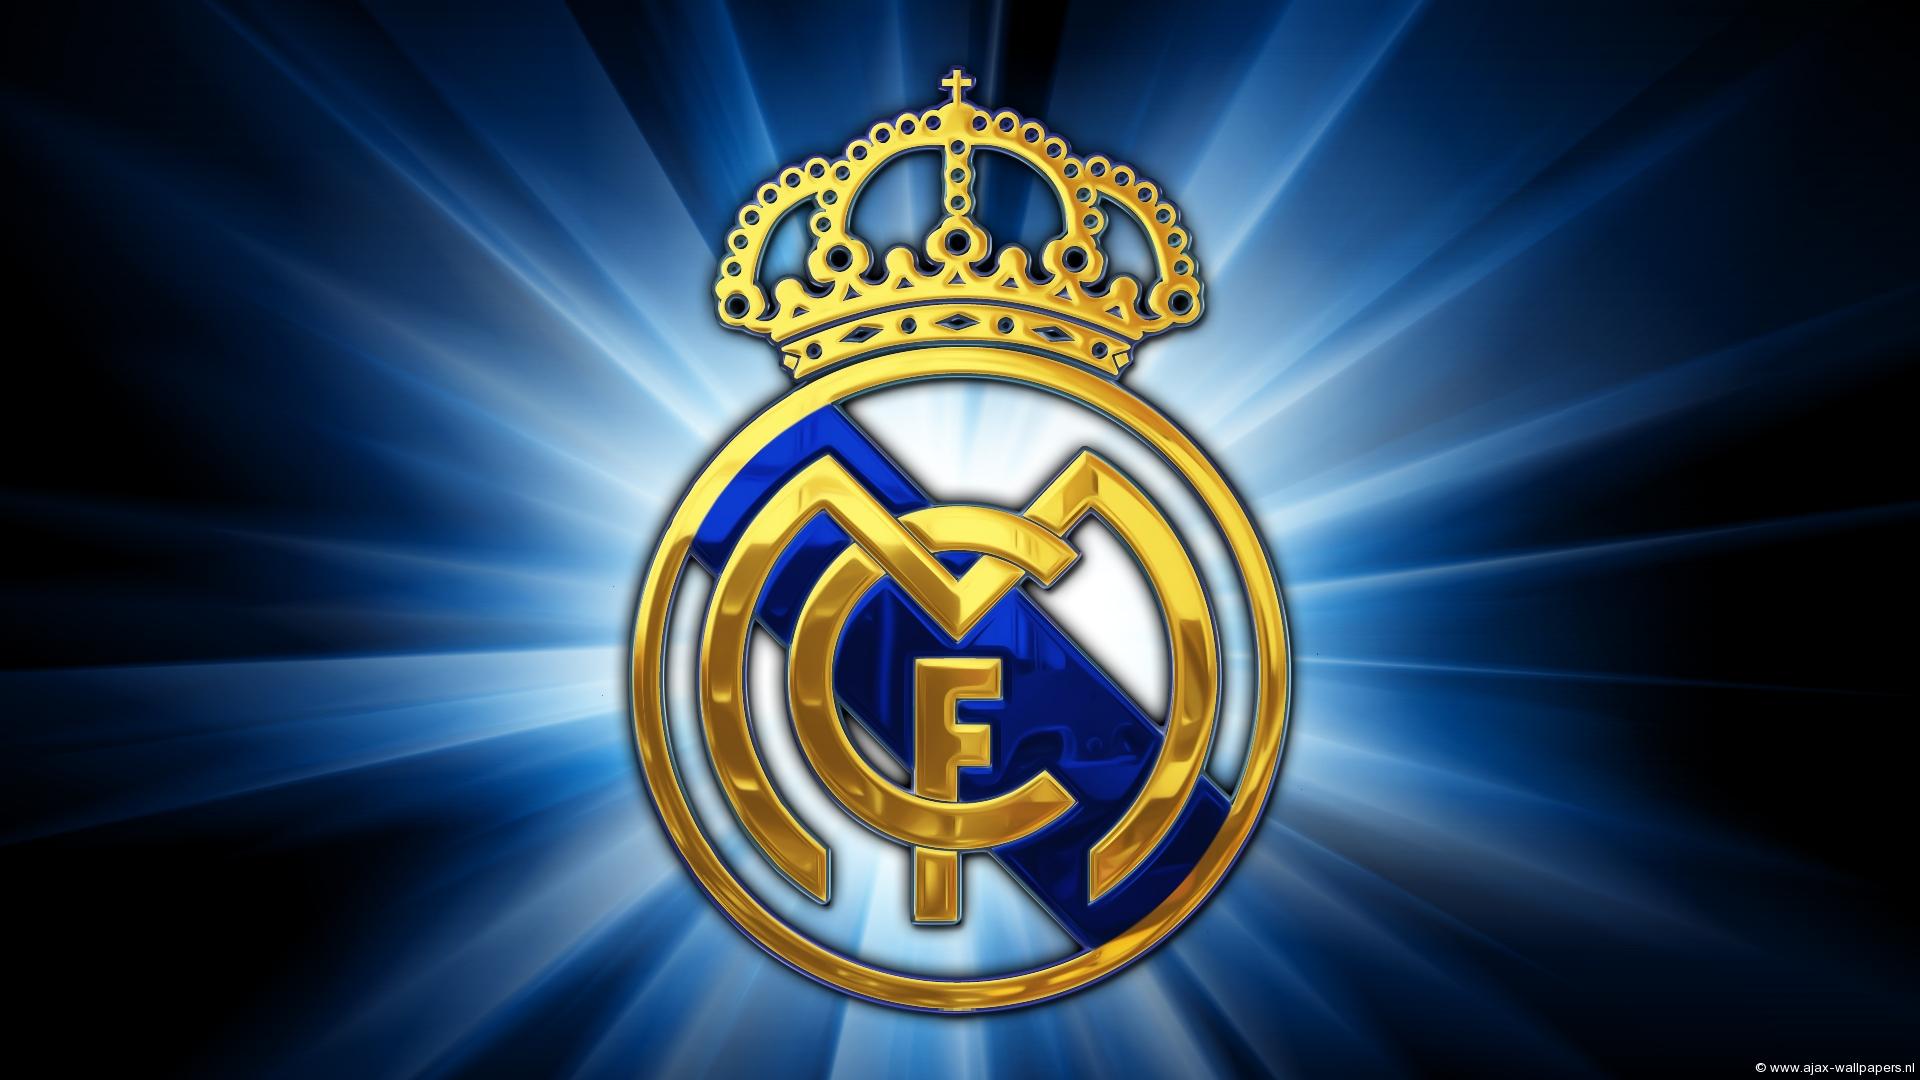 Free Download Real Madrid Logo Wallpaper Logo Brands For Hd 3d 1920x1080 For Your Desktop Mobile Tablet Explore 26 Real Madrid 2017 Wallpaper 3d Real Madrid 2017 Wallpaper 3d